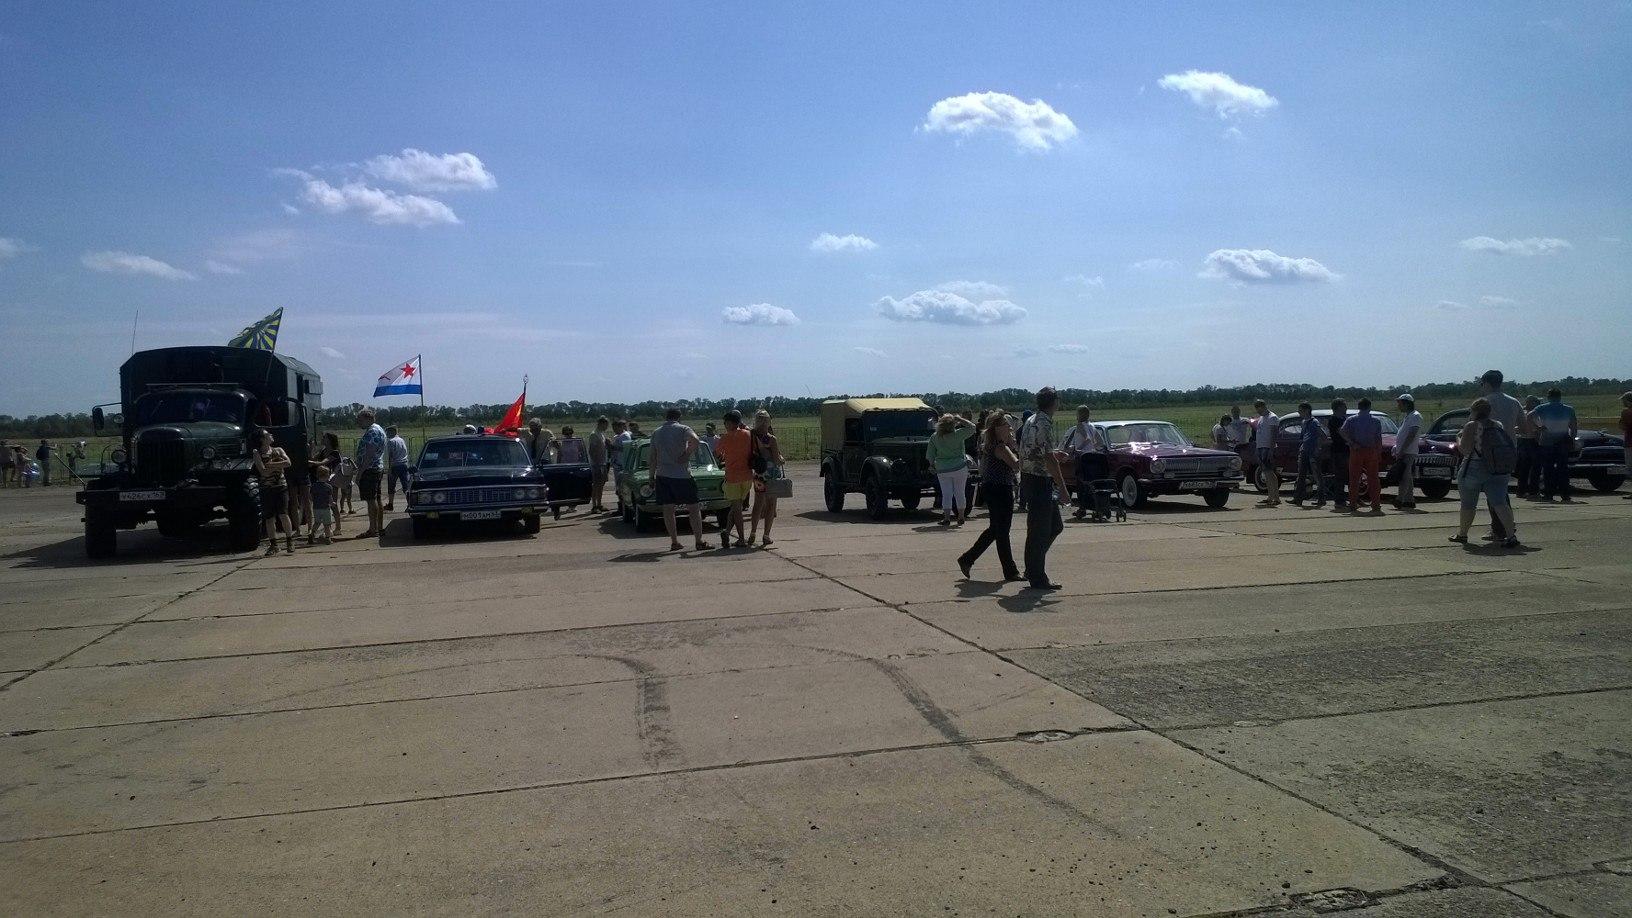 VII региональный фестиваль авиационных, технических и военно-прикладных видов спорта. Самара.